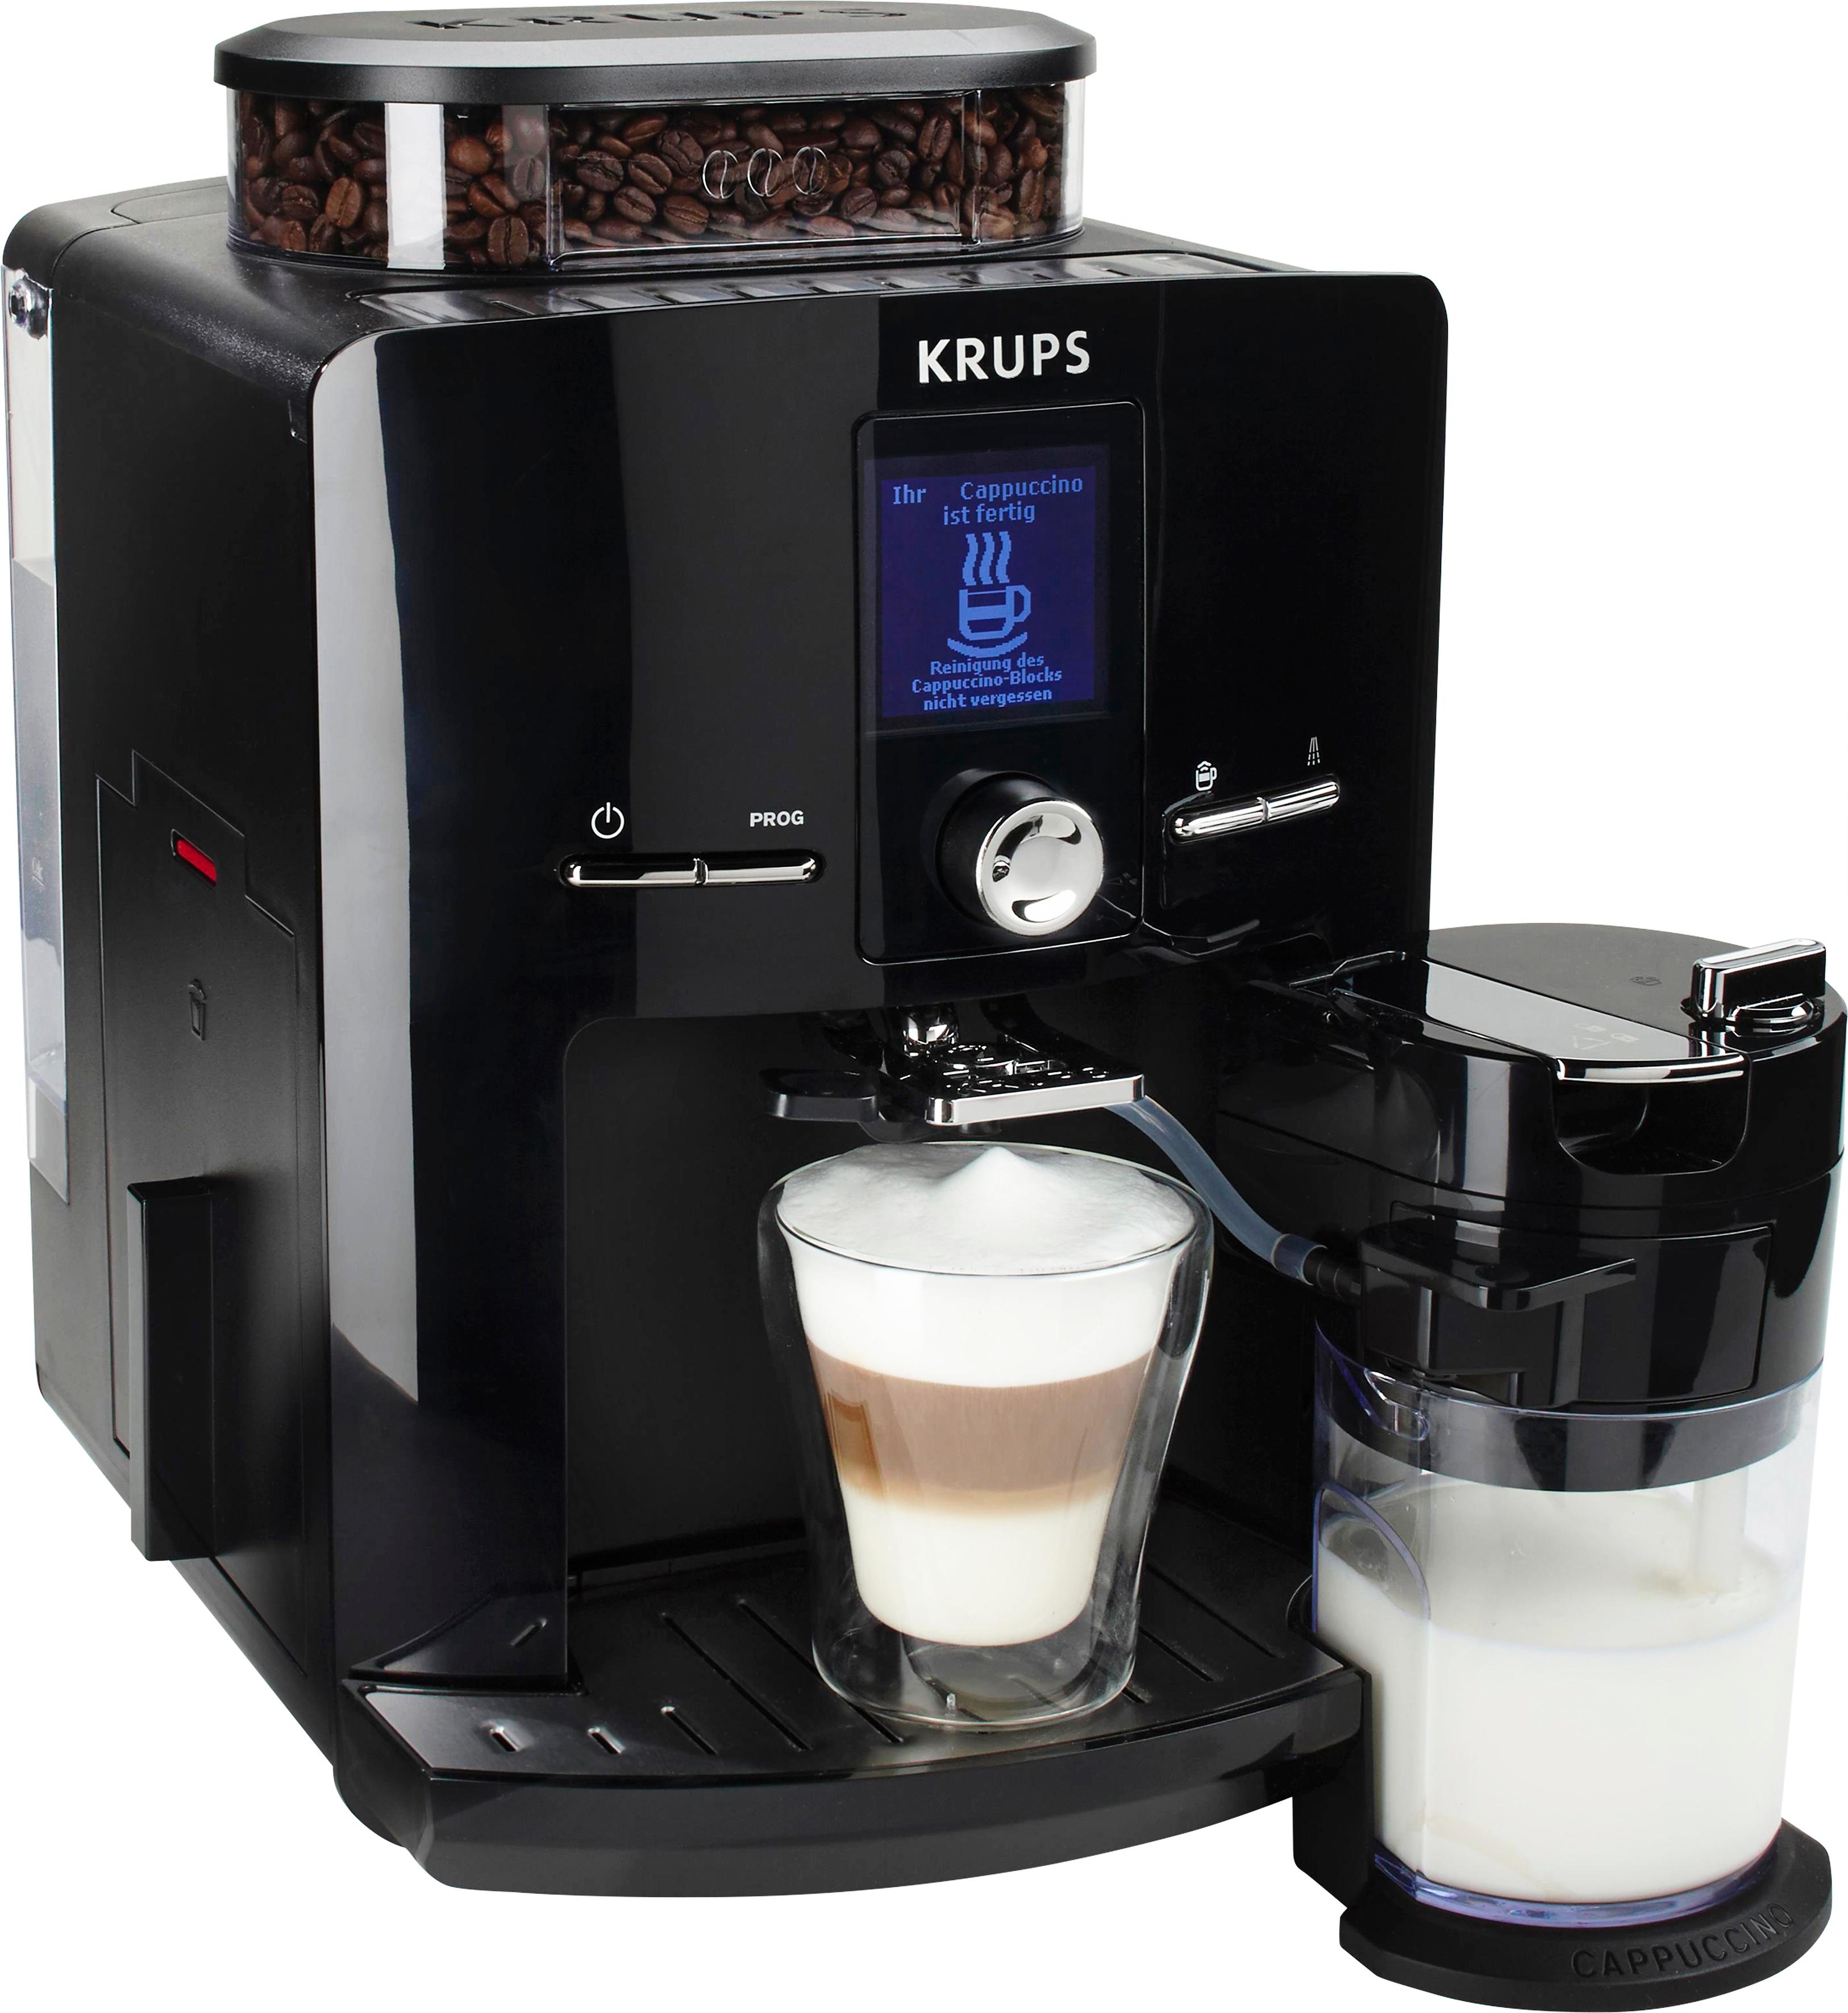 Krups volautomatisch koffiezetapparaat Latt´Espress EA8298, zwart bestellen: 14 dagen bedenktijd